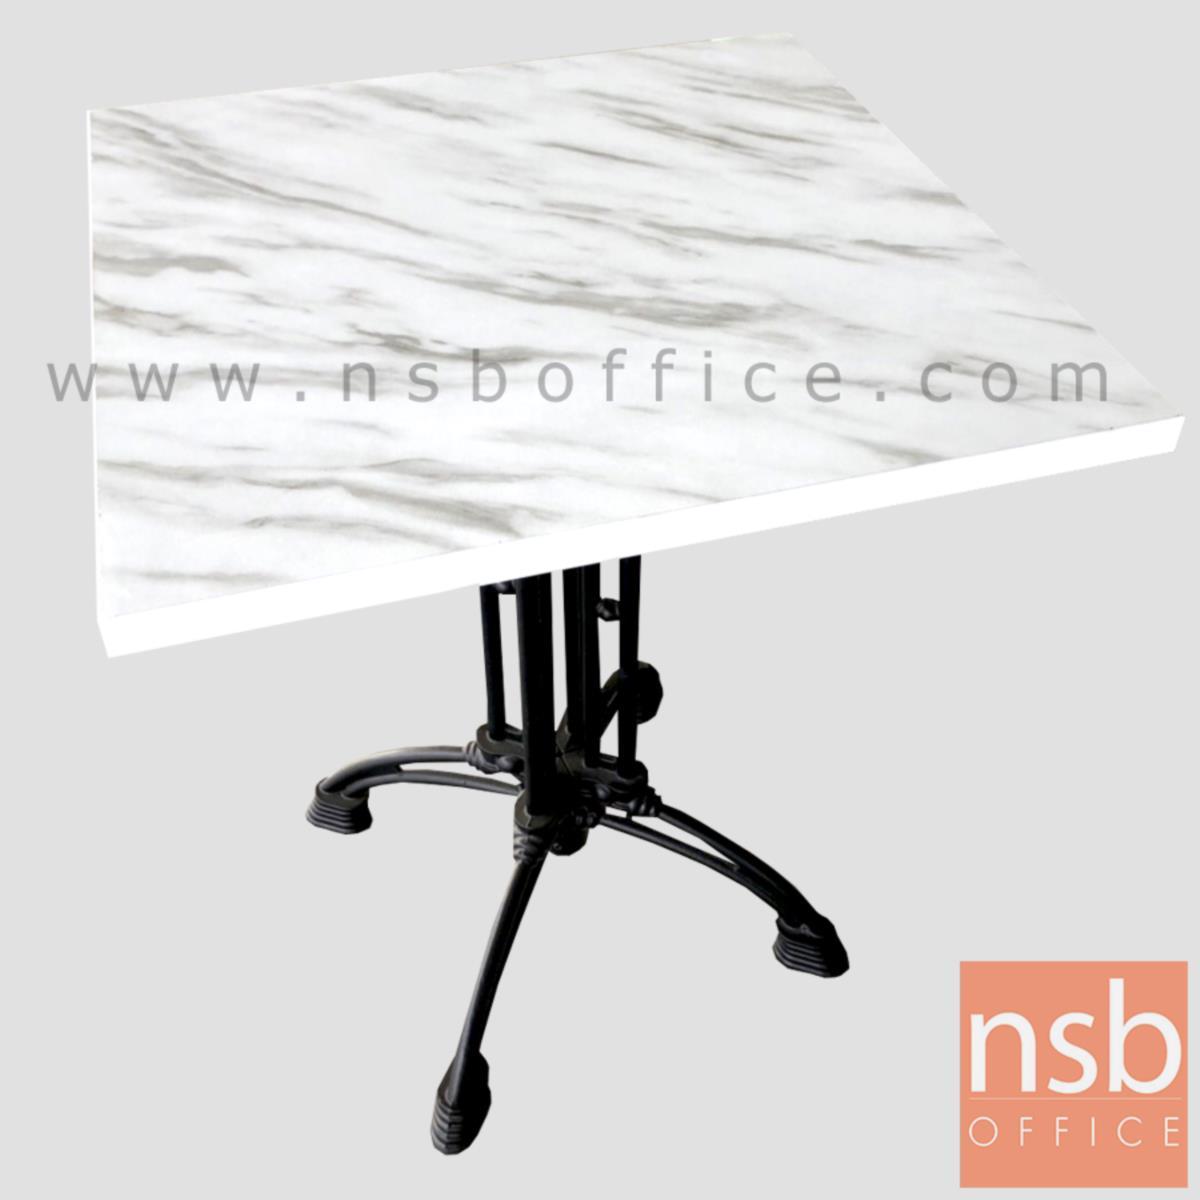 A14A239:โต๊ะขาเหล็กหล่อหน้าเมลามีน รุ่น Christian (ครีซ-แช็น) ขาเหล็กแฉกสีดำ